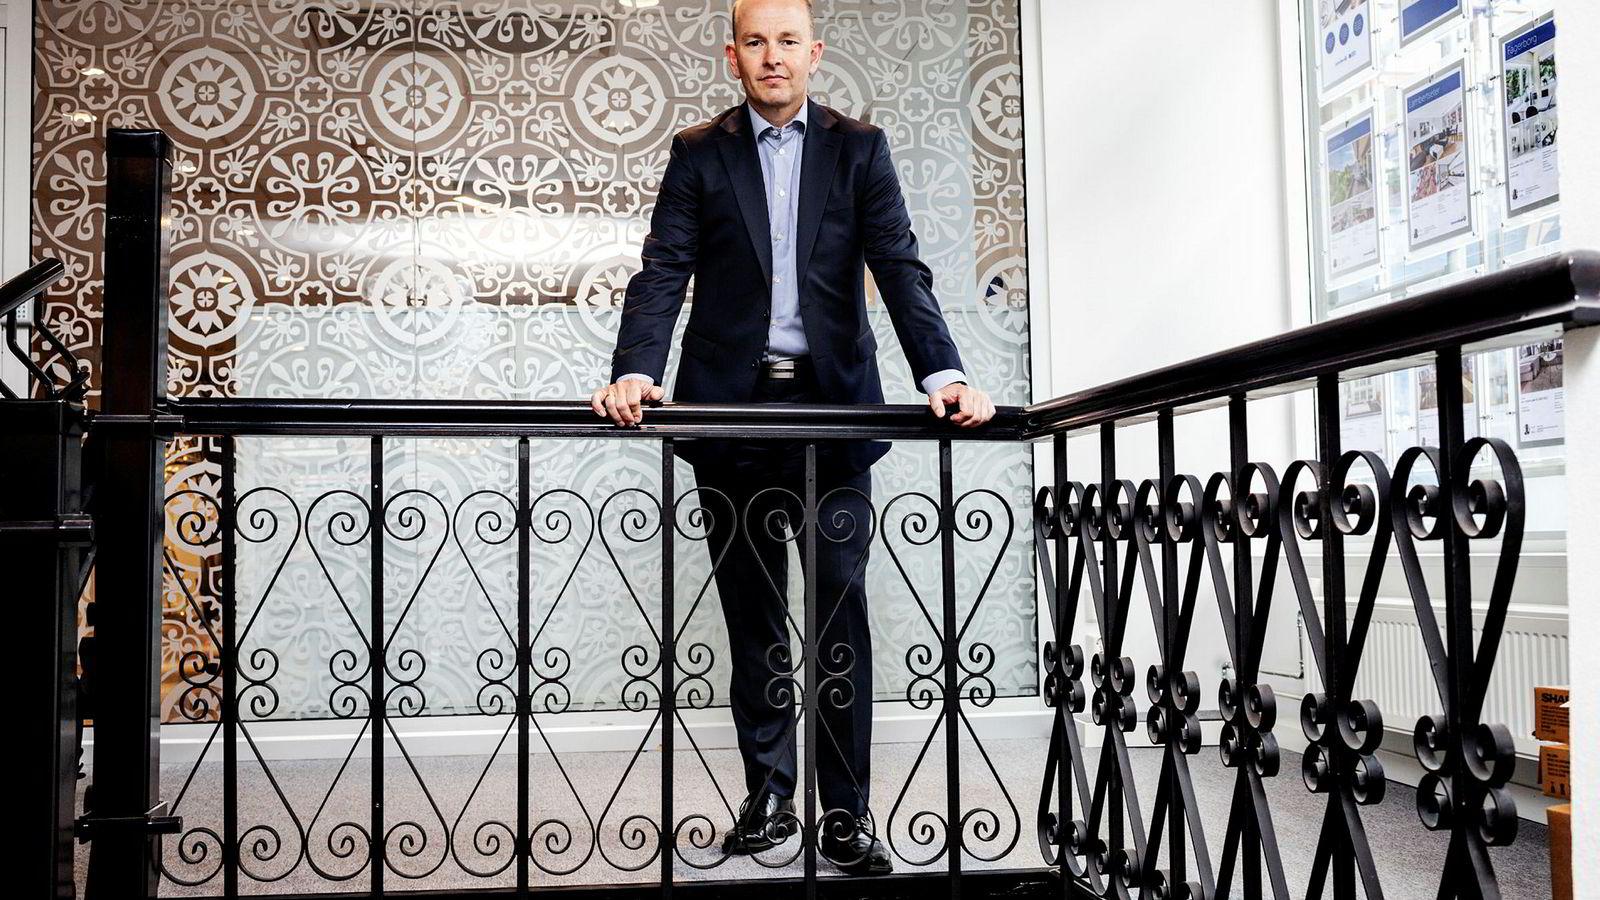 Finansdirektør Geir-Egil Bolstad i Sparebank 1 Østlandet vil gjerne selge boliglån, men ikke forbrukslån.